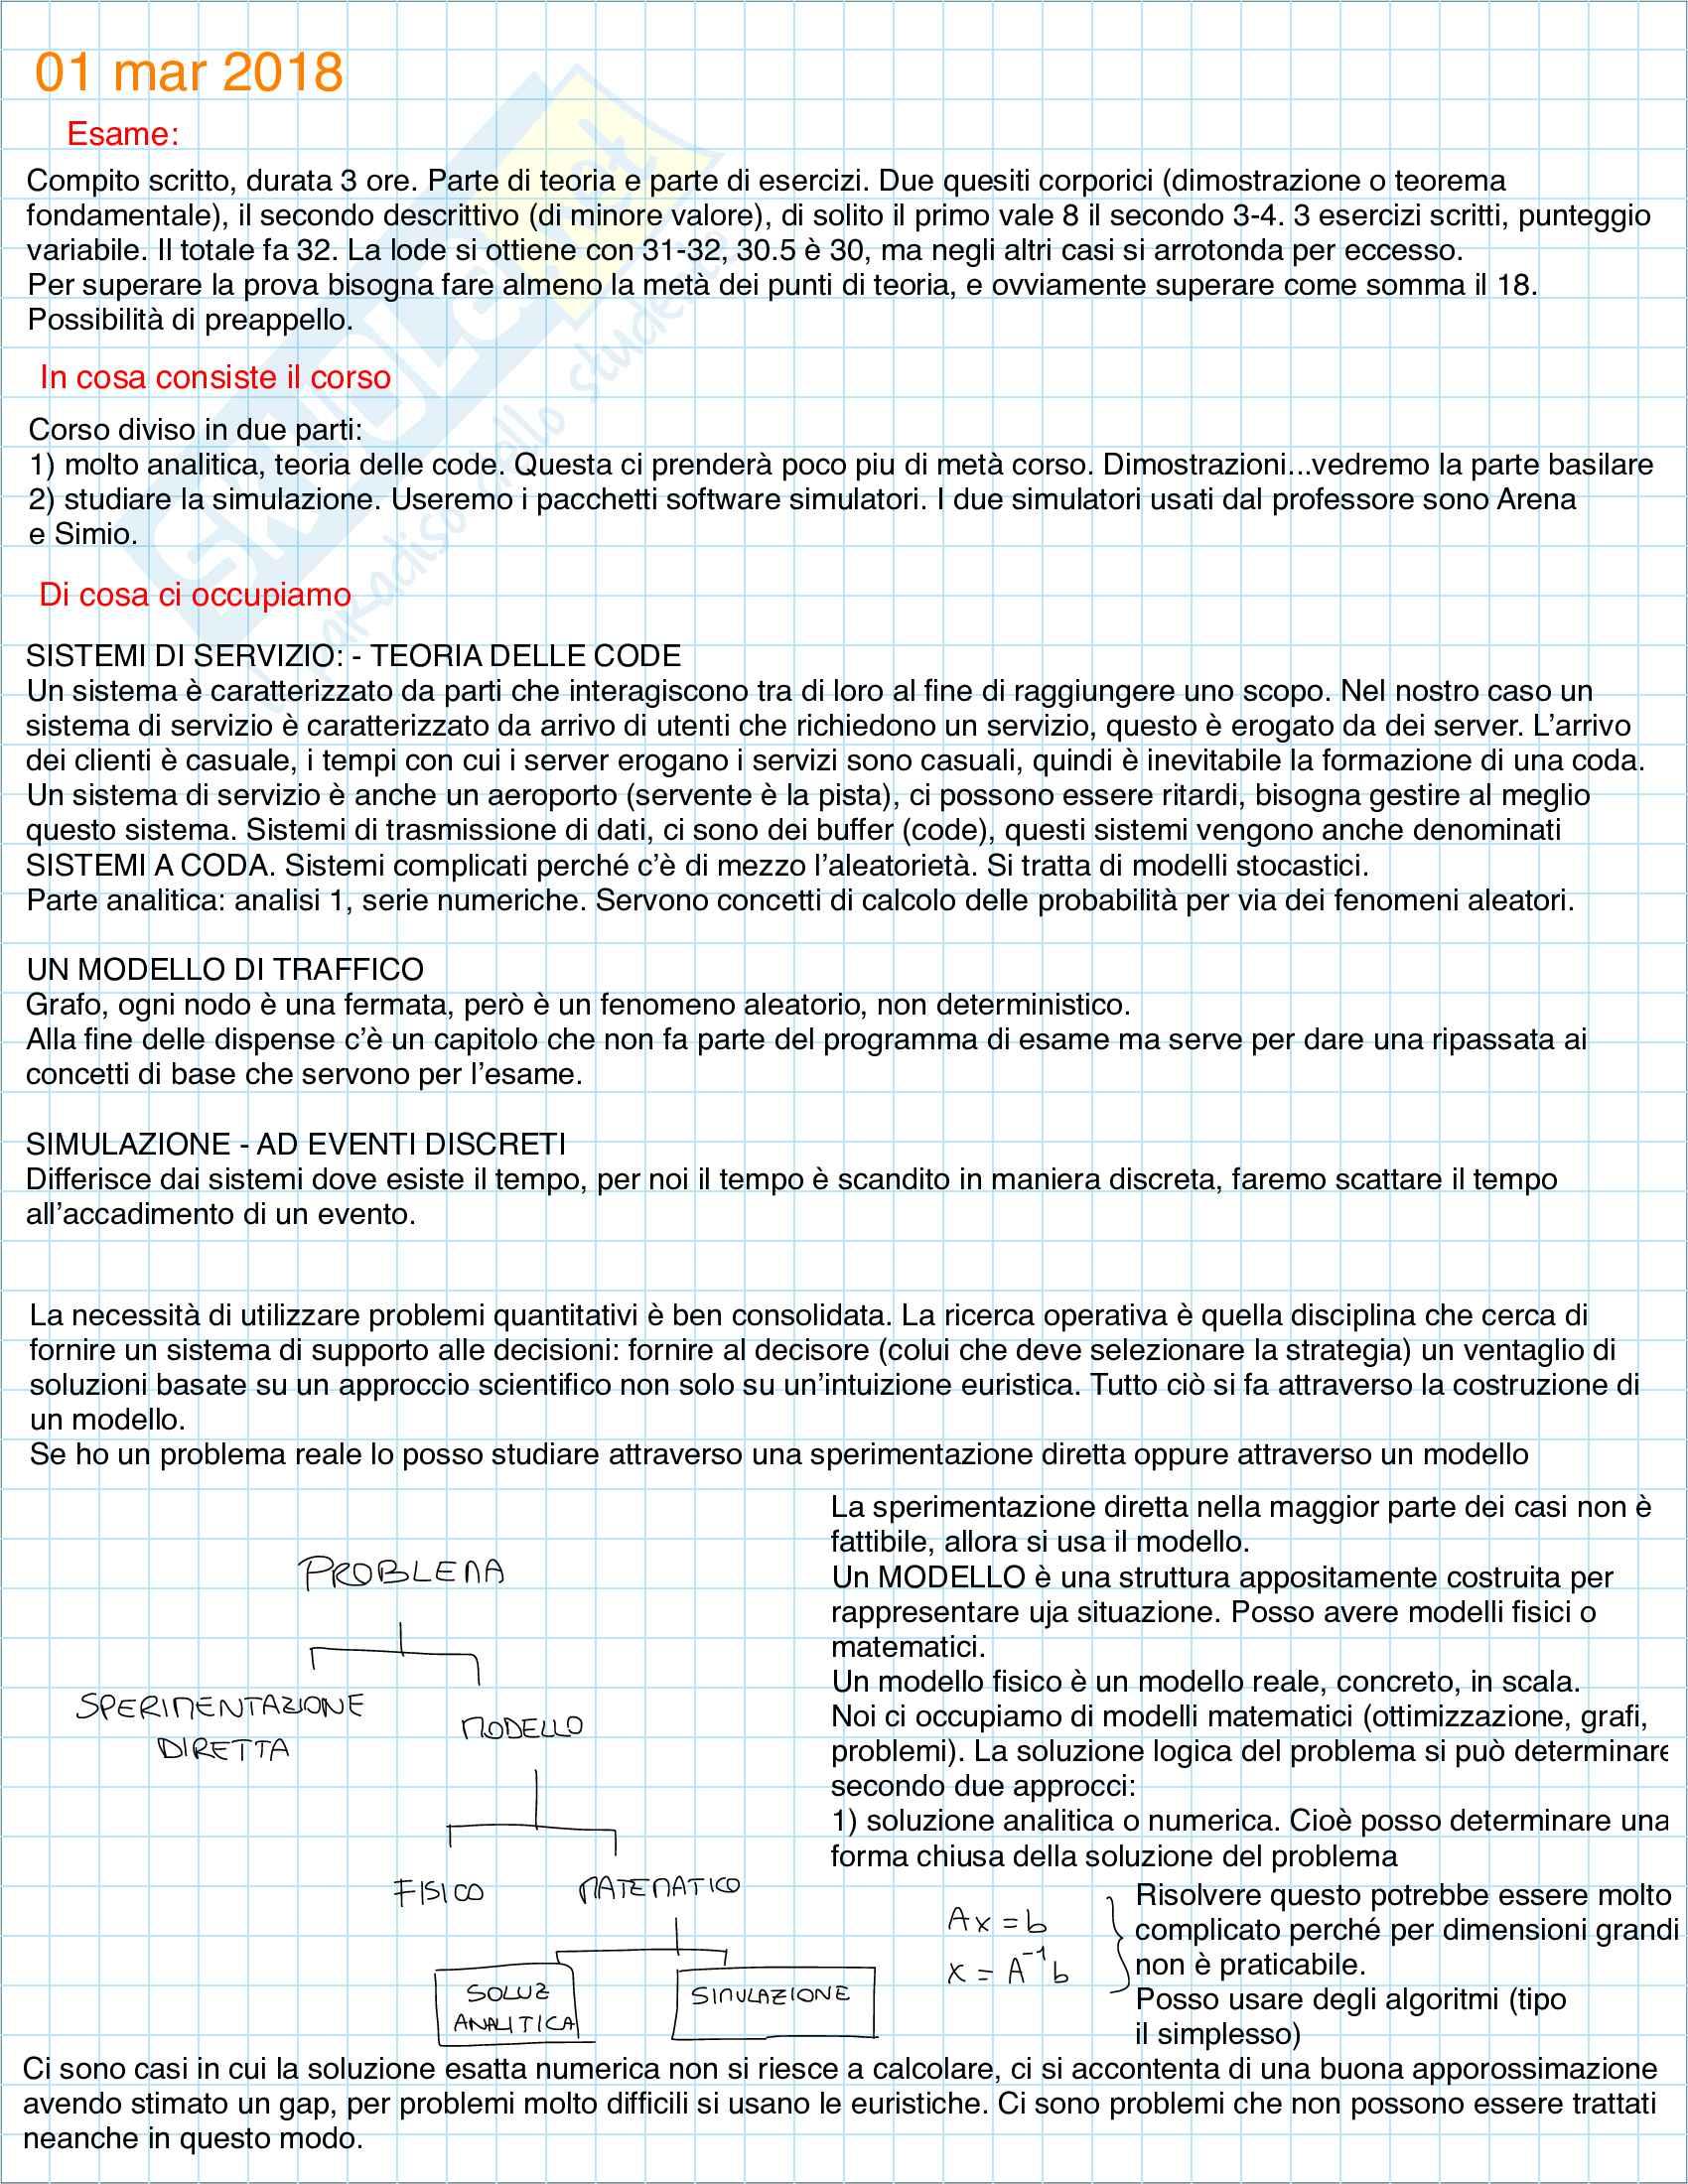 Appunti del corso Sistemi di servizio e simulazione Massimo Roma